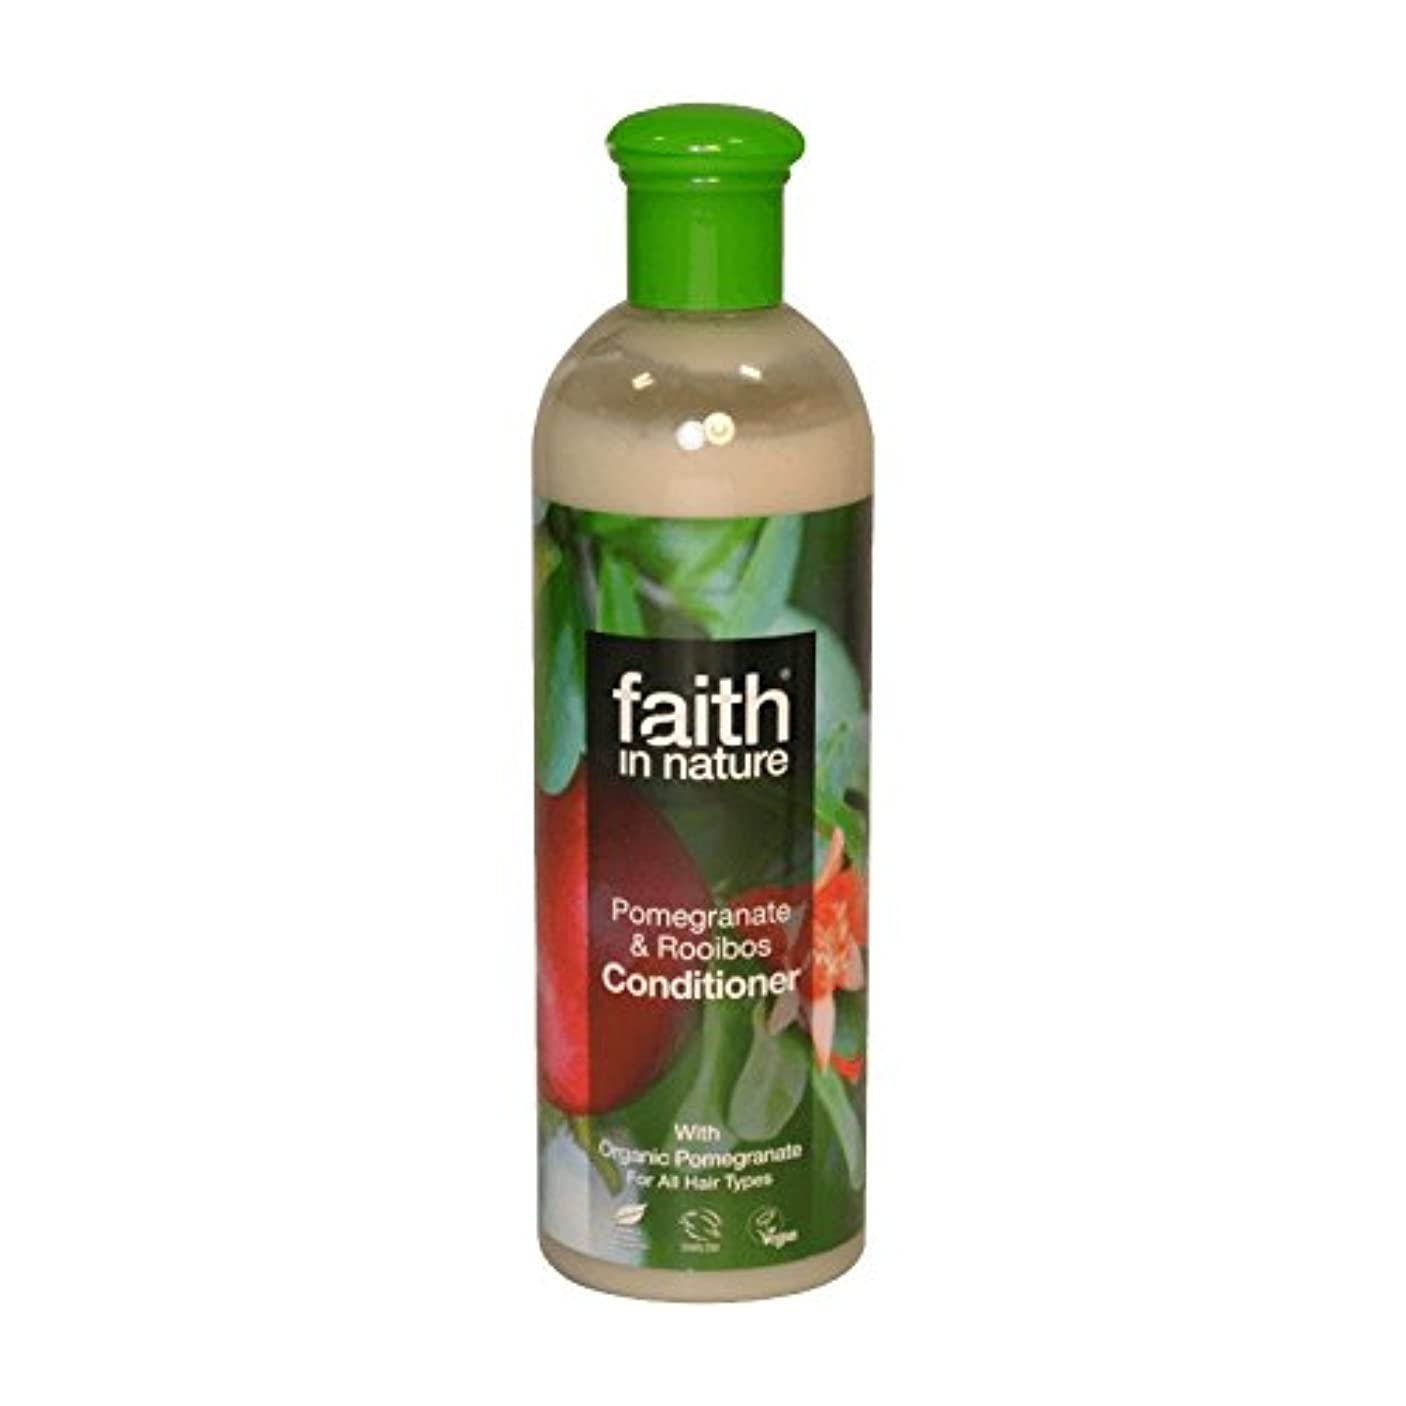 補正ためらうパークFaith in Nature Pomegranate & Roobios Conditioner 400ml (Pack of 2) - 自然ザクロ&Roobiosコンディショナー400ミリリットルの信仰 (x2) [...